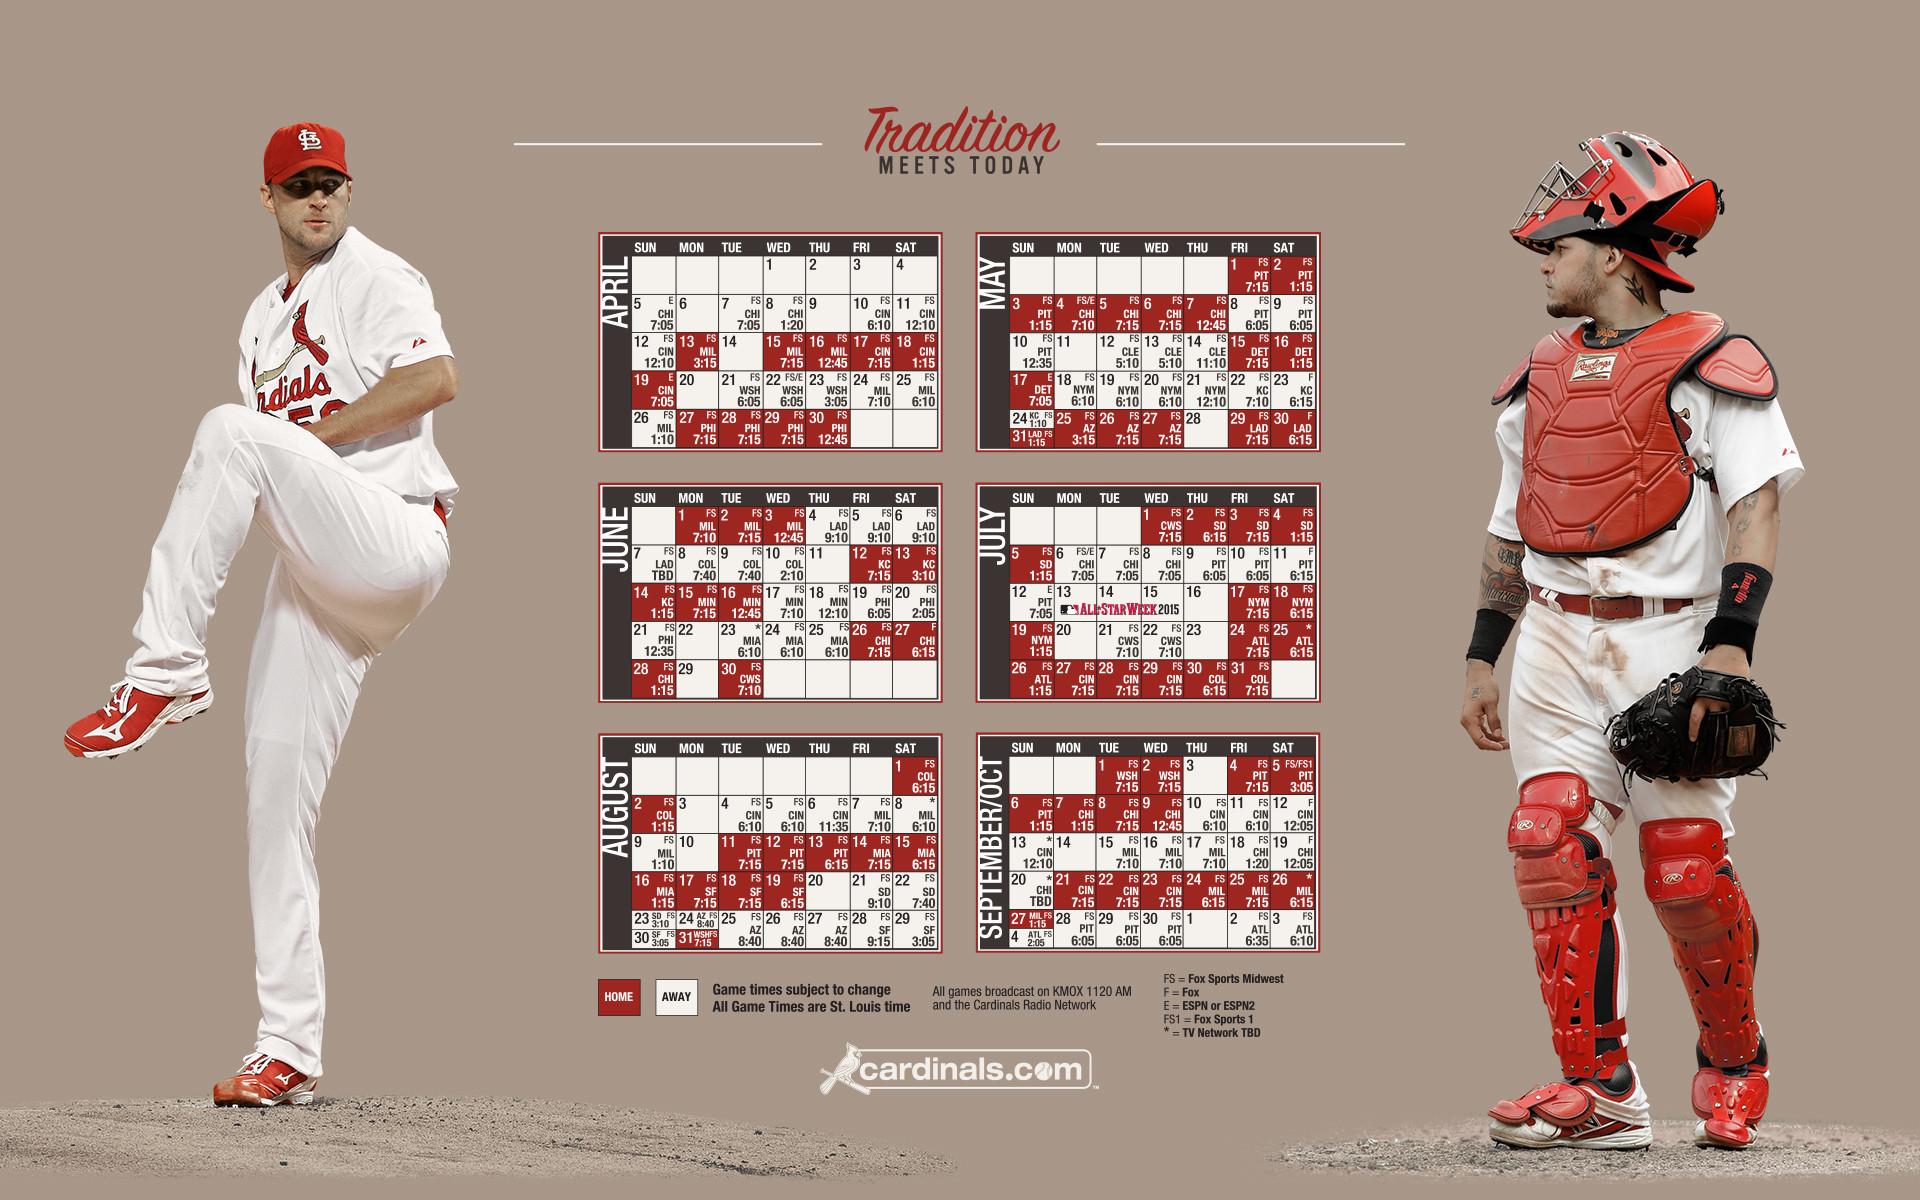 st louis cardinals desktop wallpaper ·①